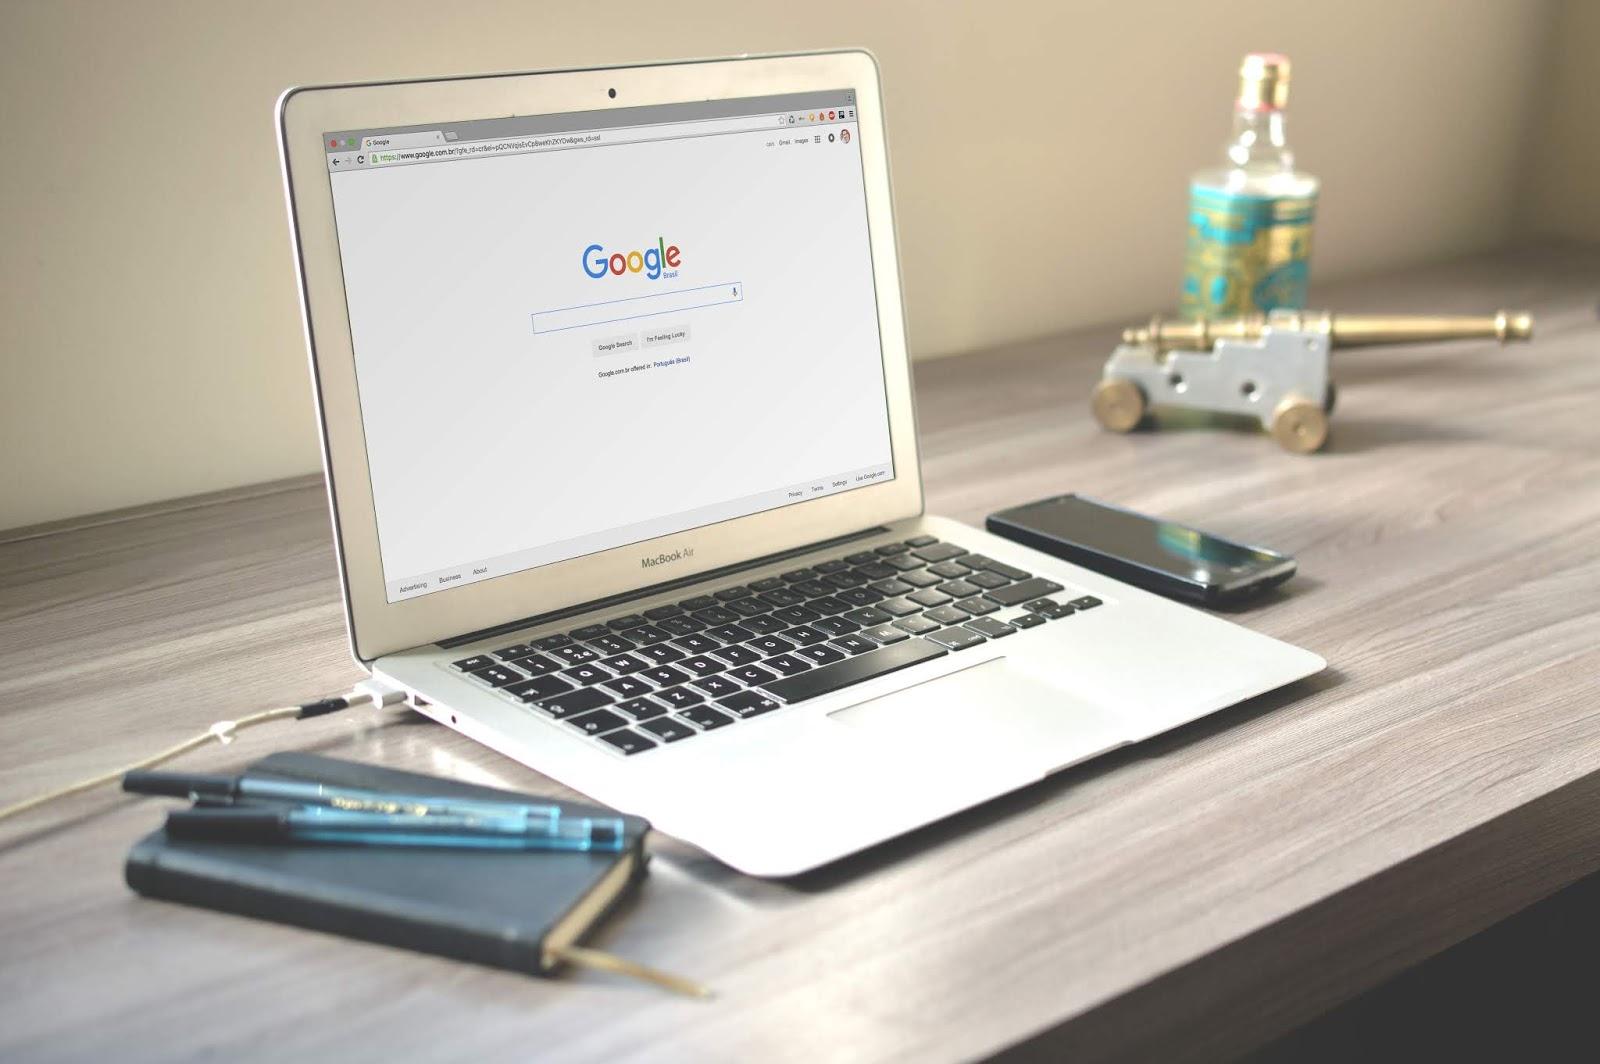 تنبيه: غوغل تنشر تحديثا في شهر سبتمبر ٢٠١٩ في وقت لاحق اليوم